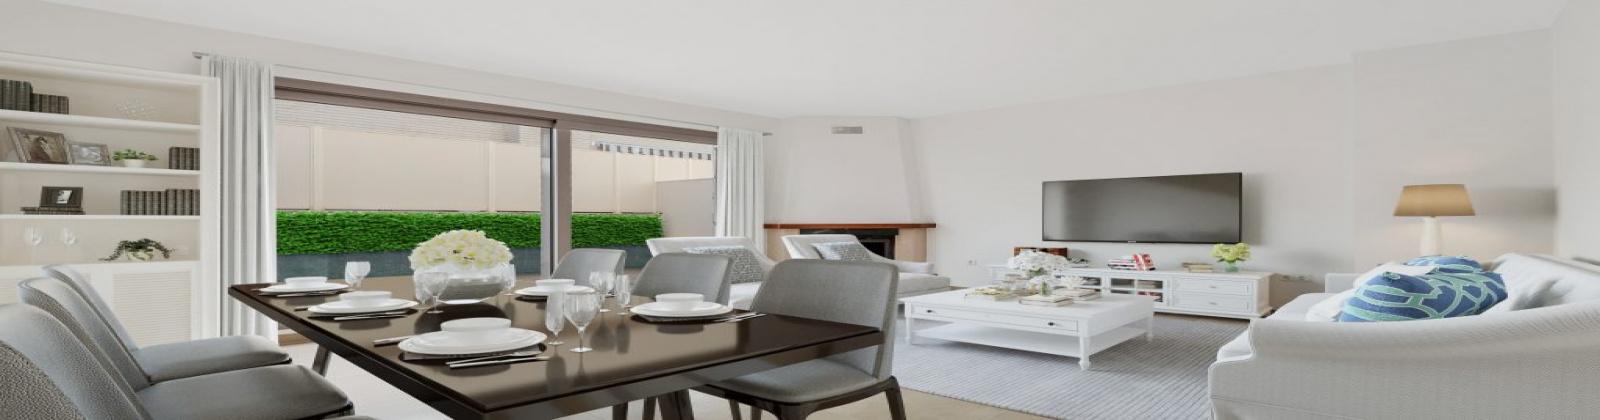 Calle Afrodita 34, Almería, Almería 04009, 4 Habitaciones Habitaciones, ,2 BathroomsBathrooms,Viviendas,En venta,Vergeles de Villablanca VII,Calle Afrodita,1032